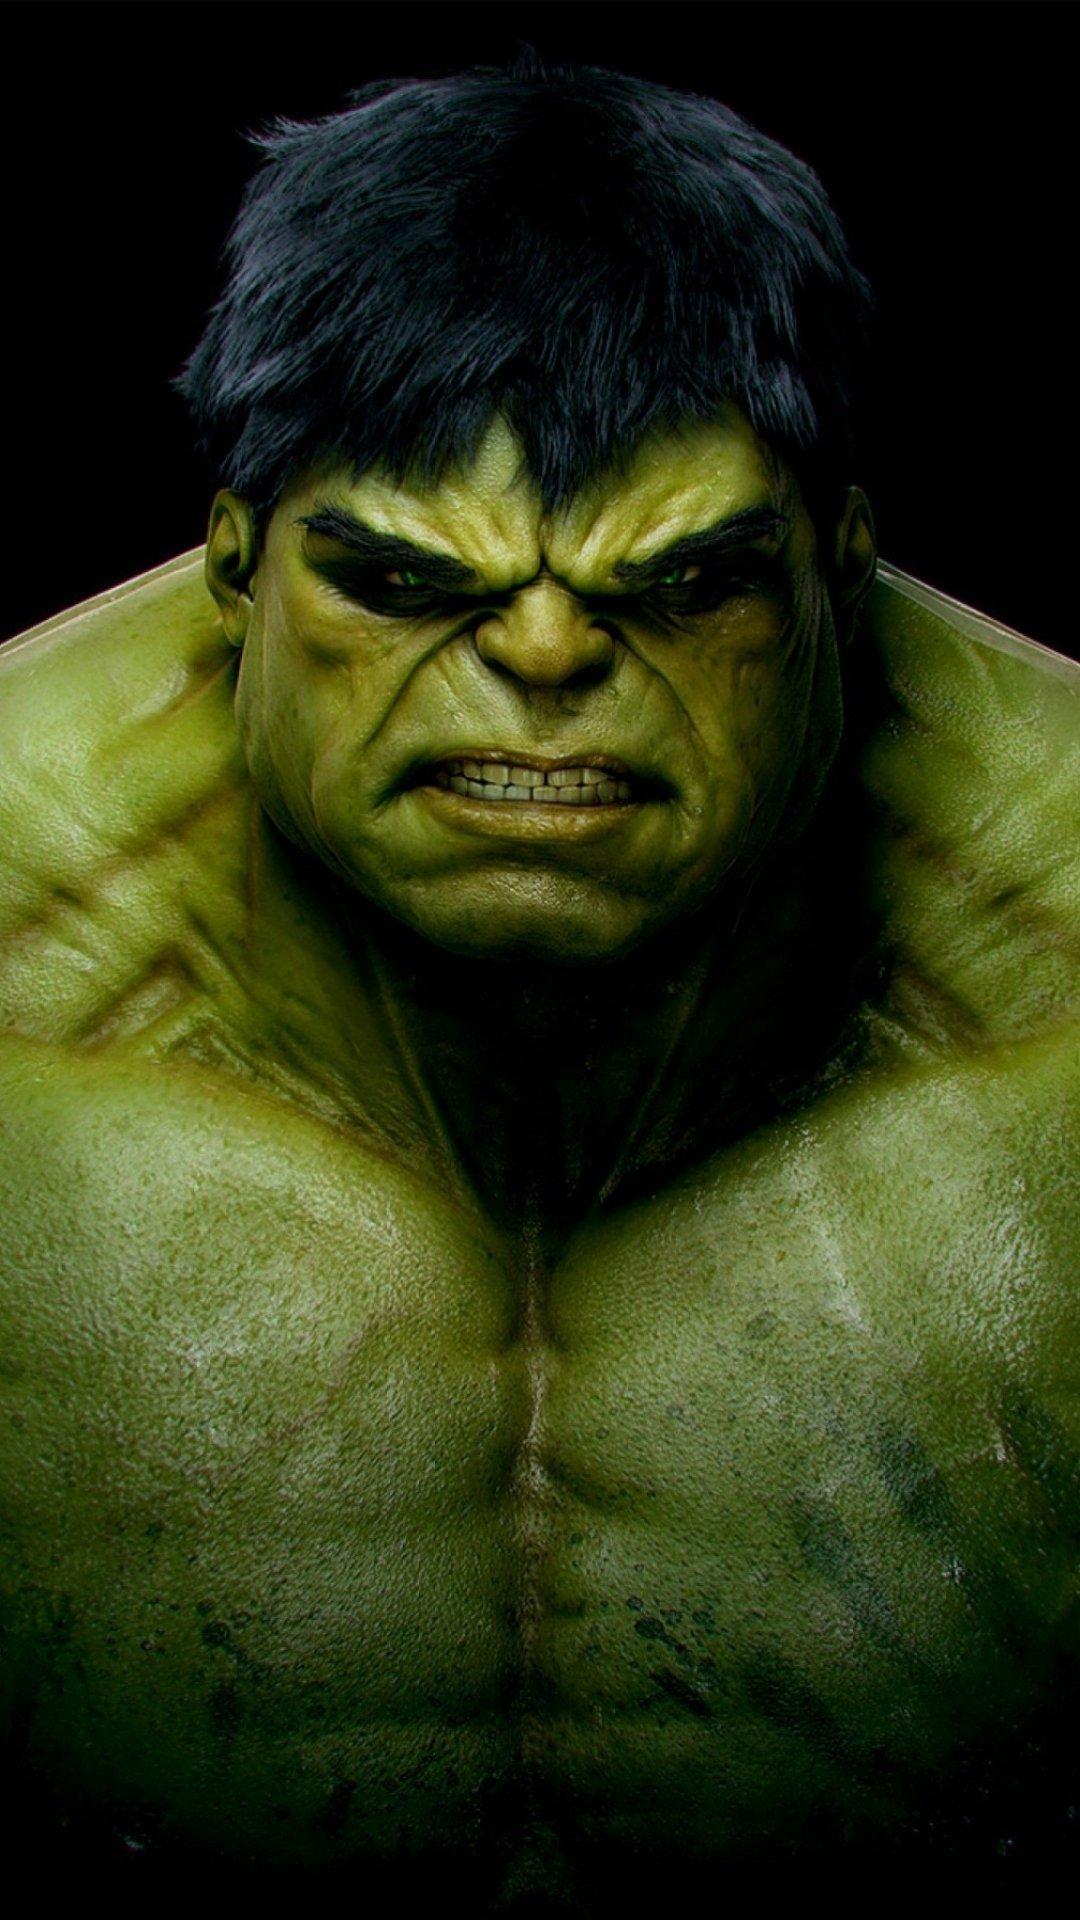 hulk iphone wallpaper HD 1080x1920